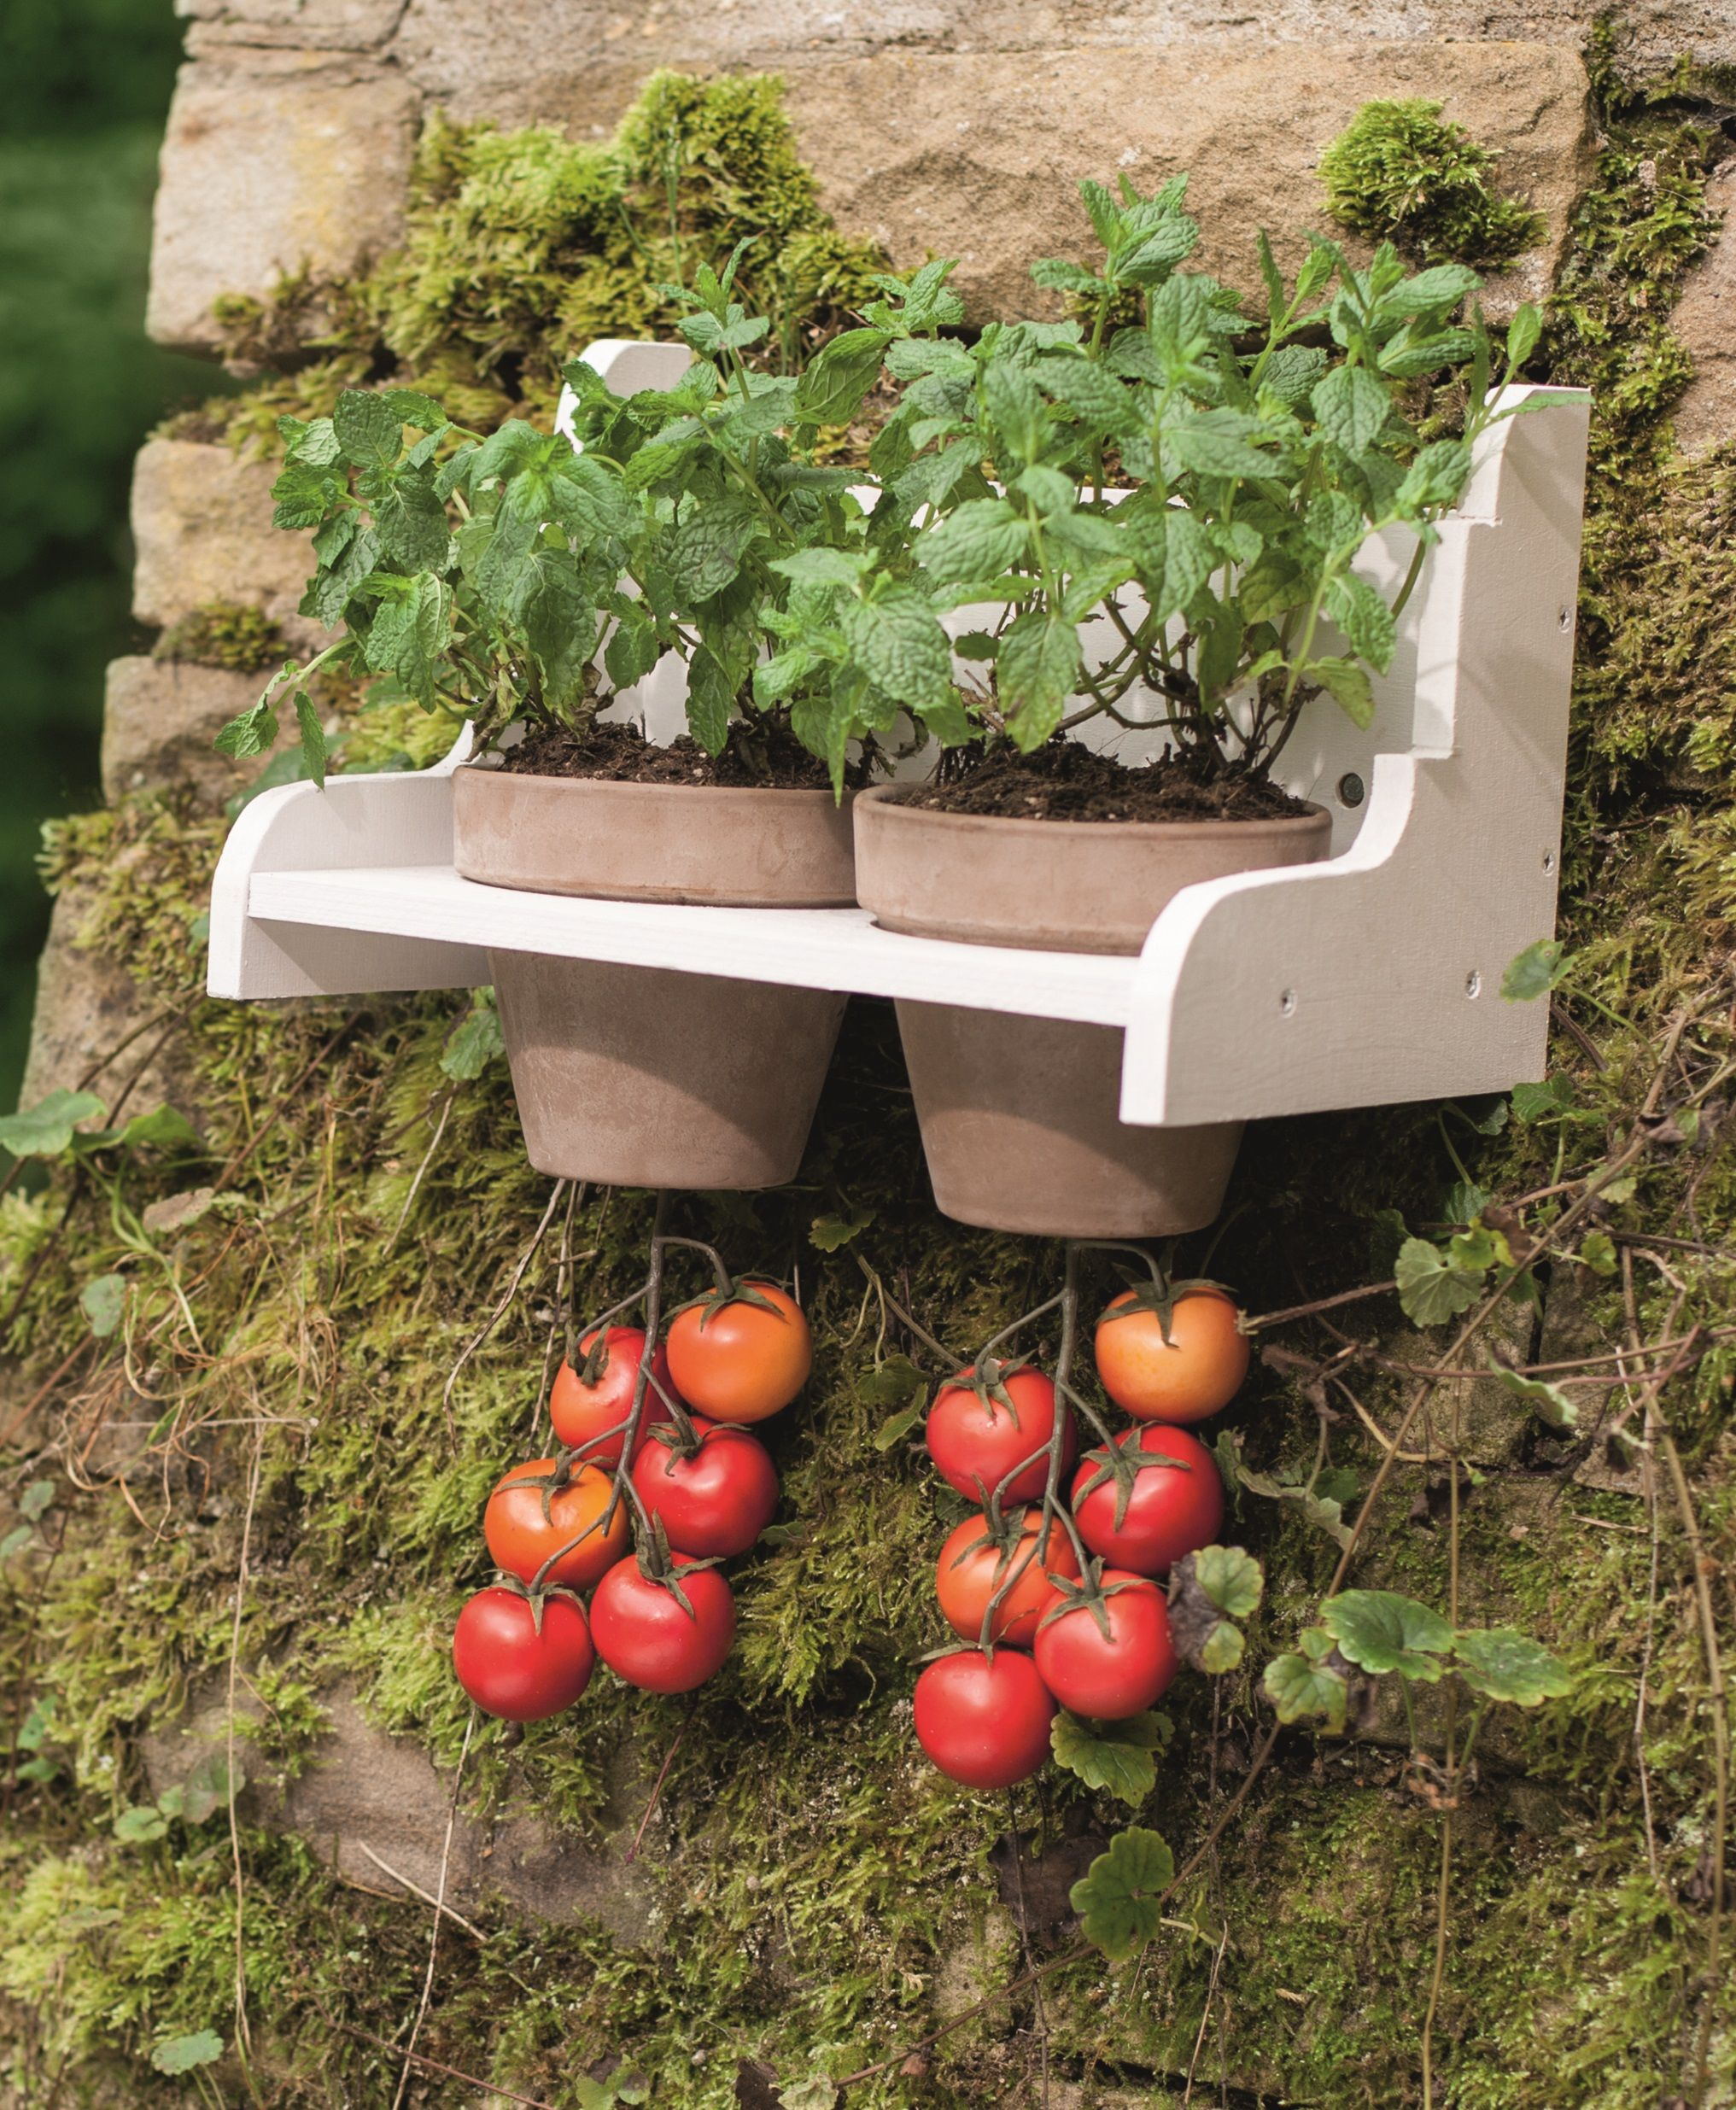 Machen Sie Den Hangenden Garten Von Babylon Konkurrenz In Diesem Kreativ Kit Krauterbeet Hangende Tomate Wachsen Krauter Pflanzen Basilikum Pflanzen Pflanzen